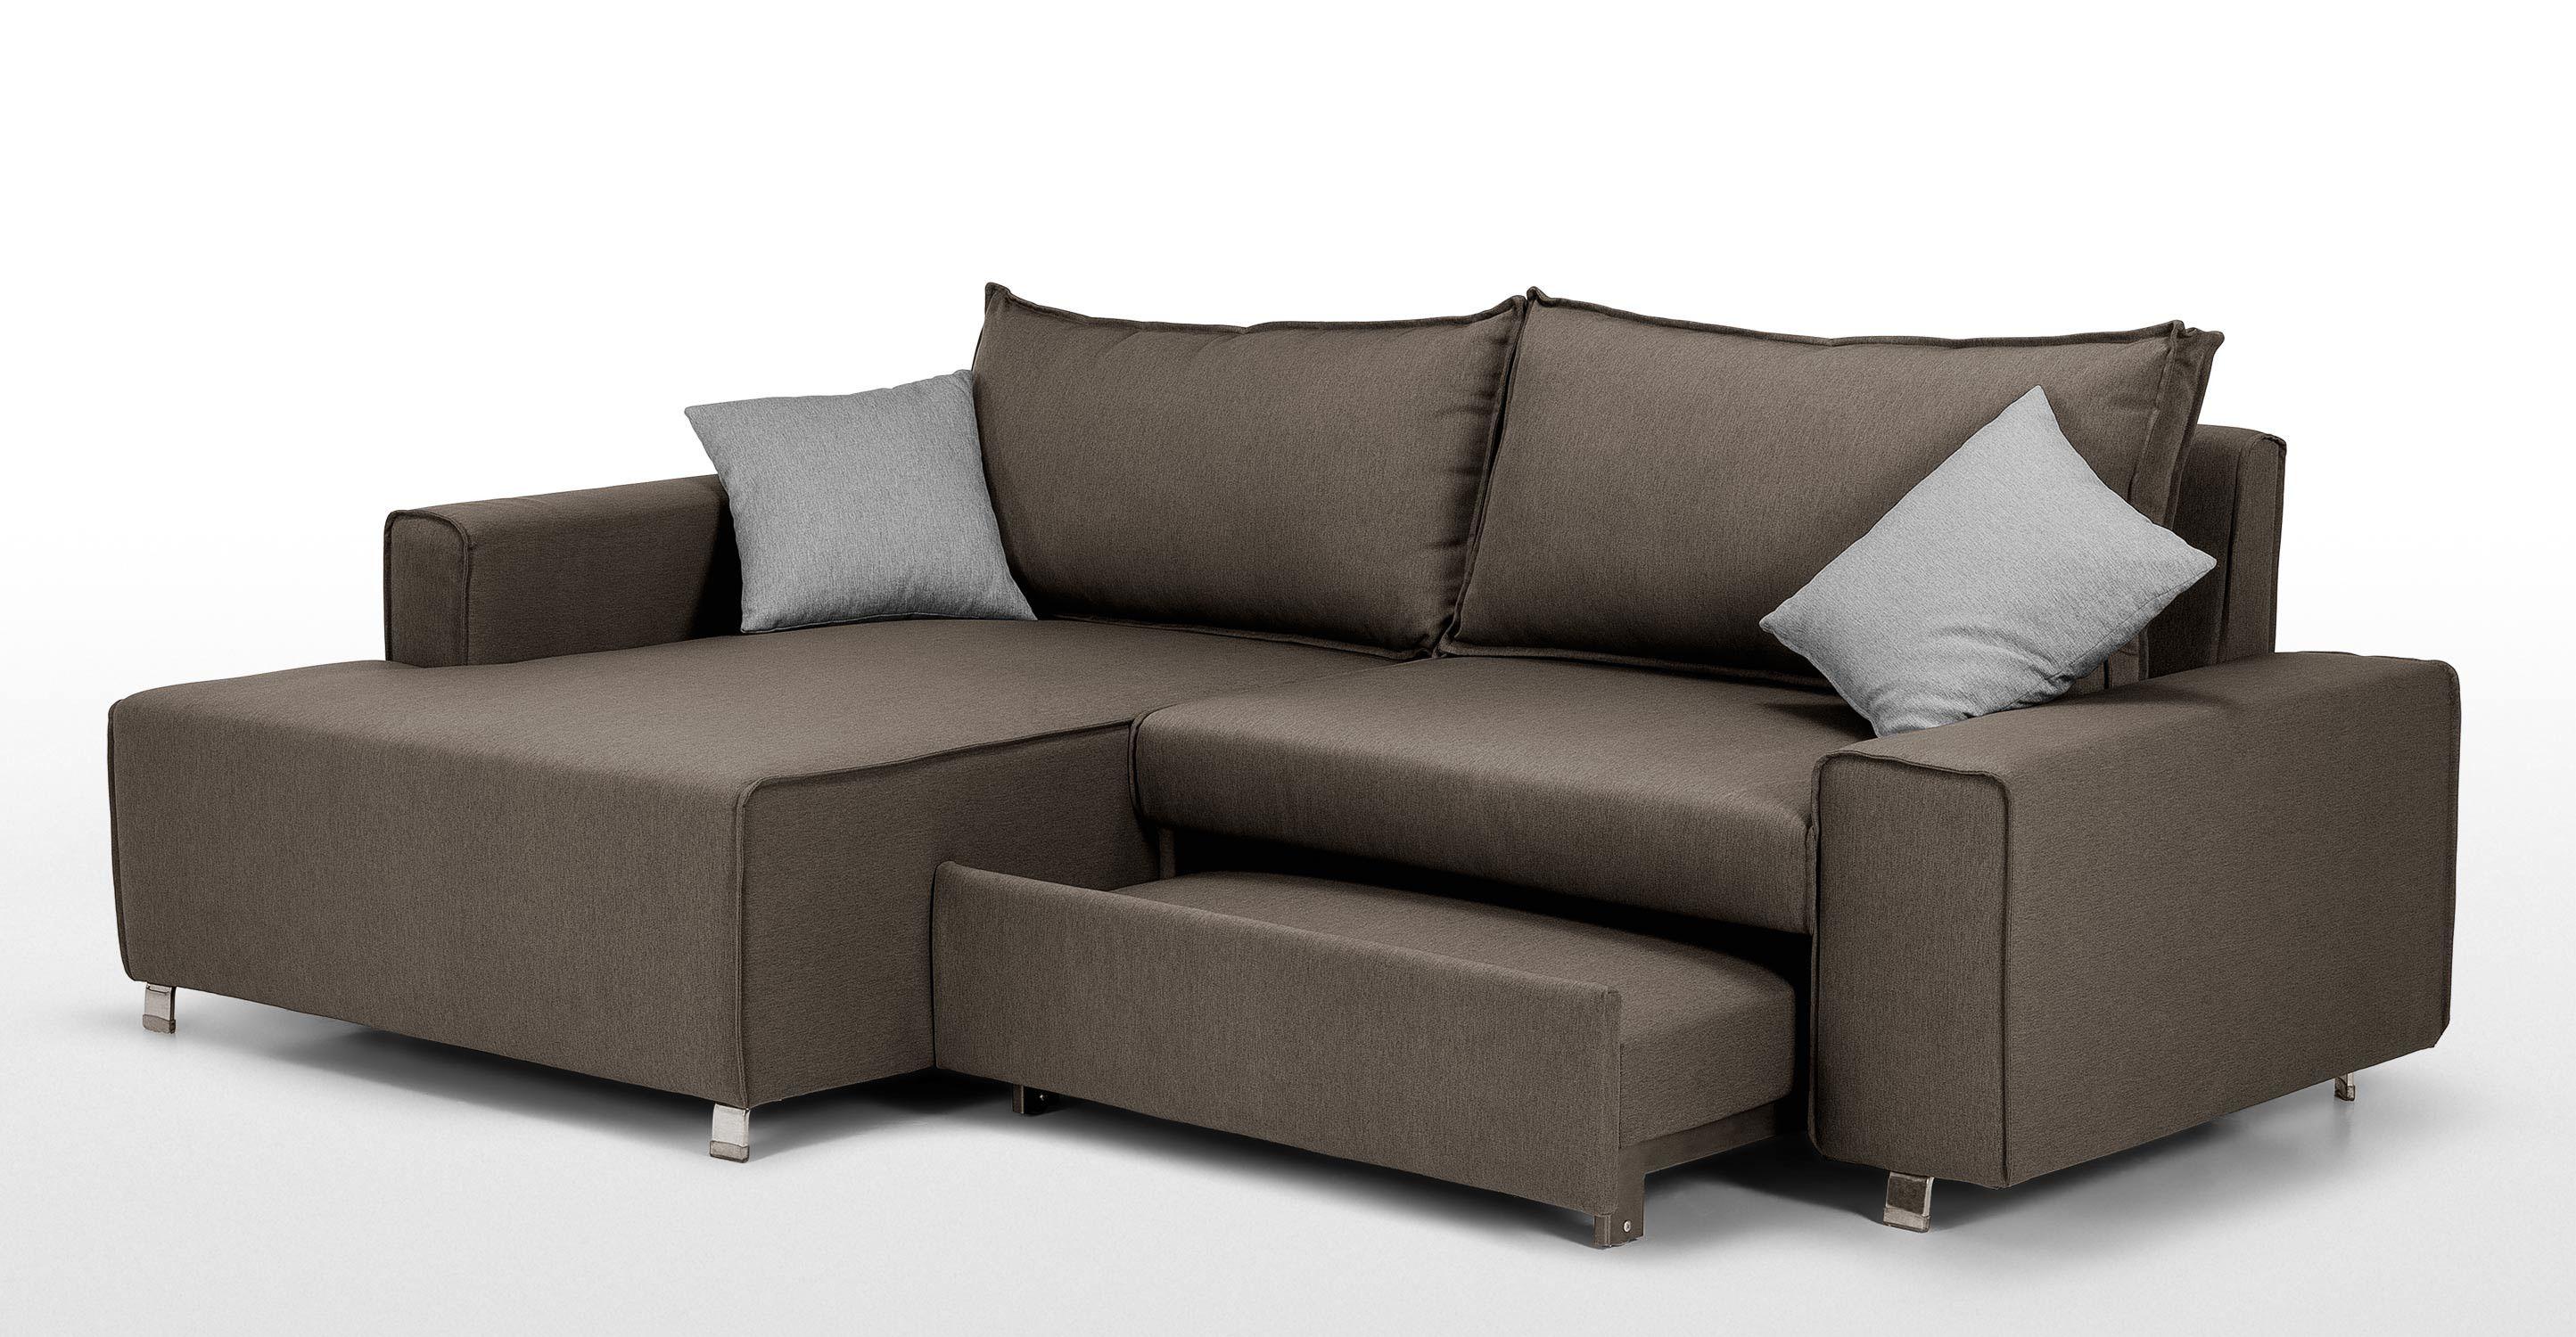 Prezzo € 649 Divano angolare con ola contenitore sinistra o destra e letto estraibile Dimensioni L 244 P 172 H 91 Interior design